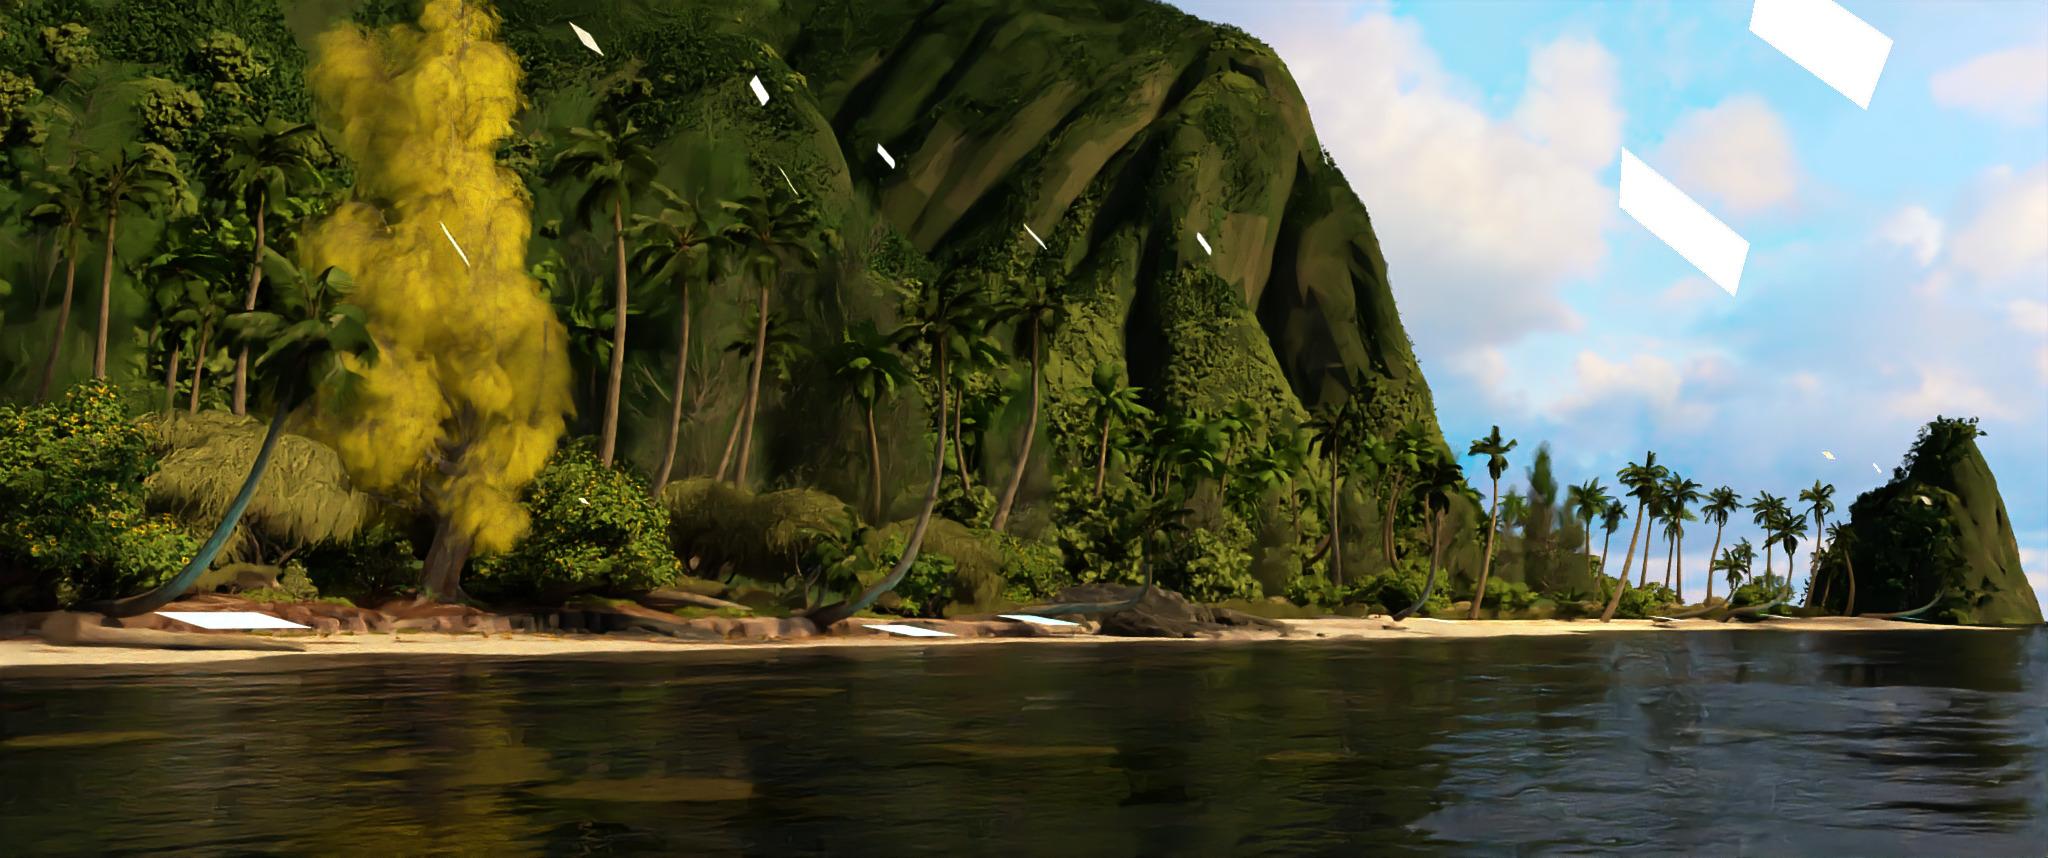 Остров из Моаны (2048 858 пикселей, 64 spp), отрендеренный при помощи Gonzales в хранилище Google Cloud с 8 виртуальными ЦП и 64 ГБ памяти примерно за 26 часов. Остров из Моаны (2048 858 пикселей, 64 spp), отрендеренный при помощи Gonzales в хранилище Google Cloud с 8 виртуальными ЦП и 64 ГБ памяти